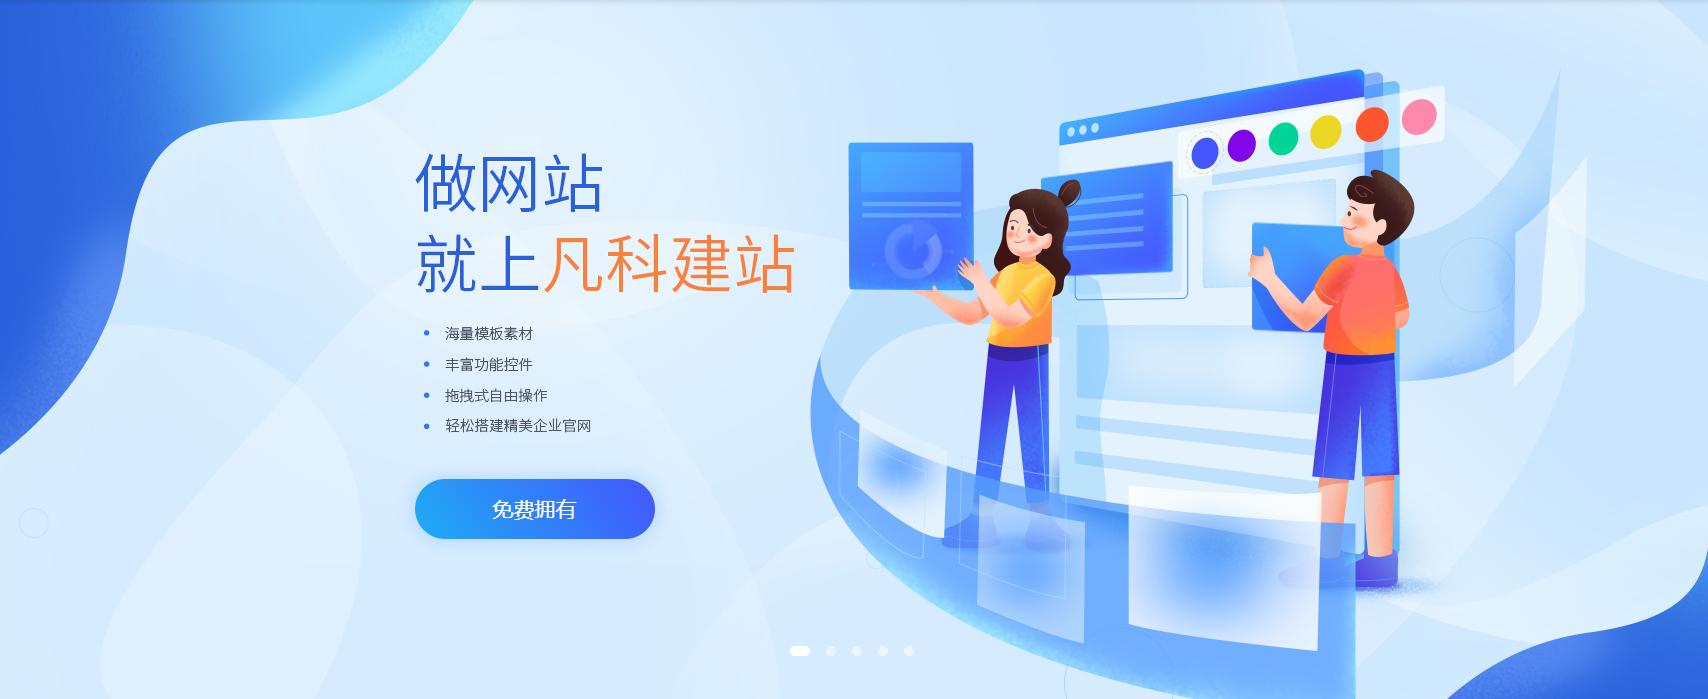 网站互动界面设计